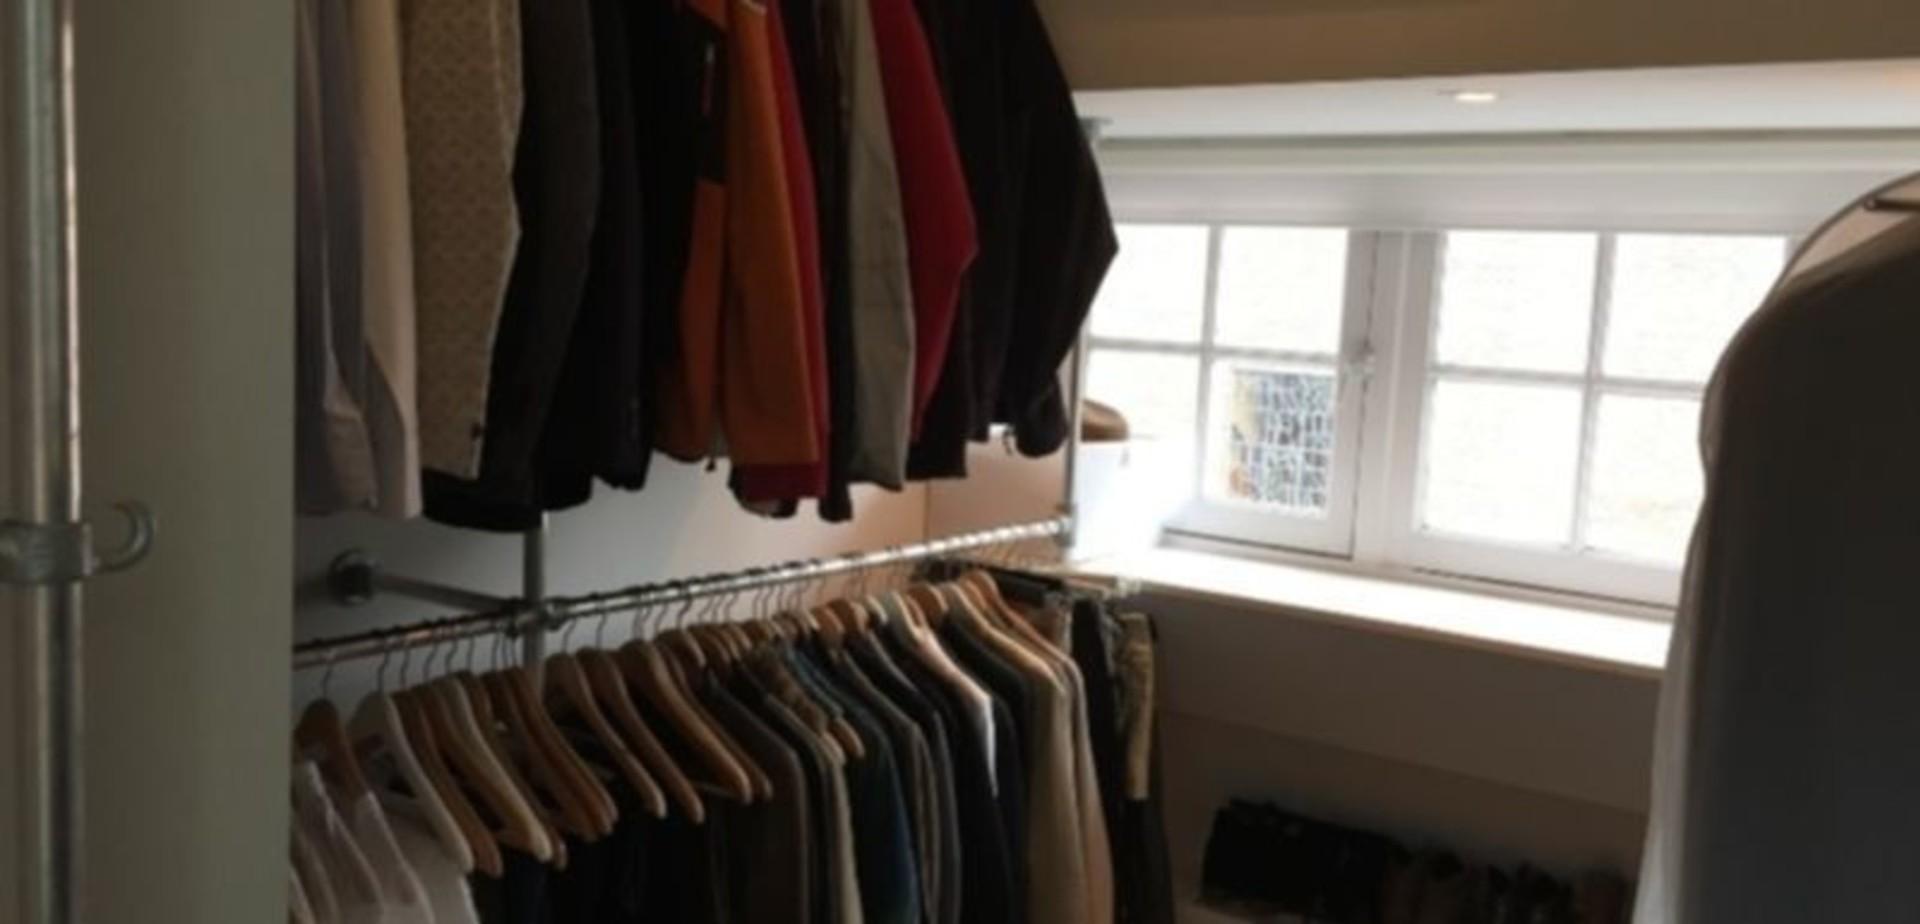 Buizenframe kledingrek  voordemakersnl